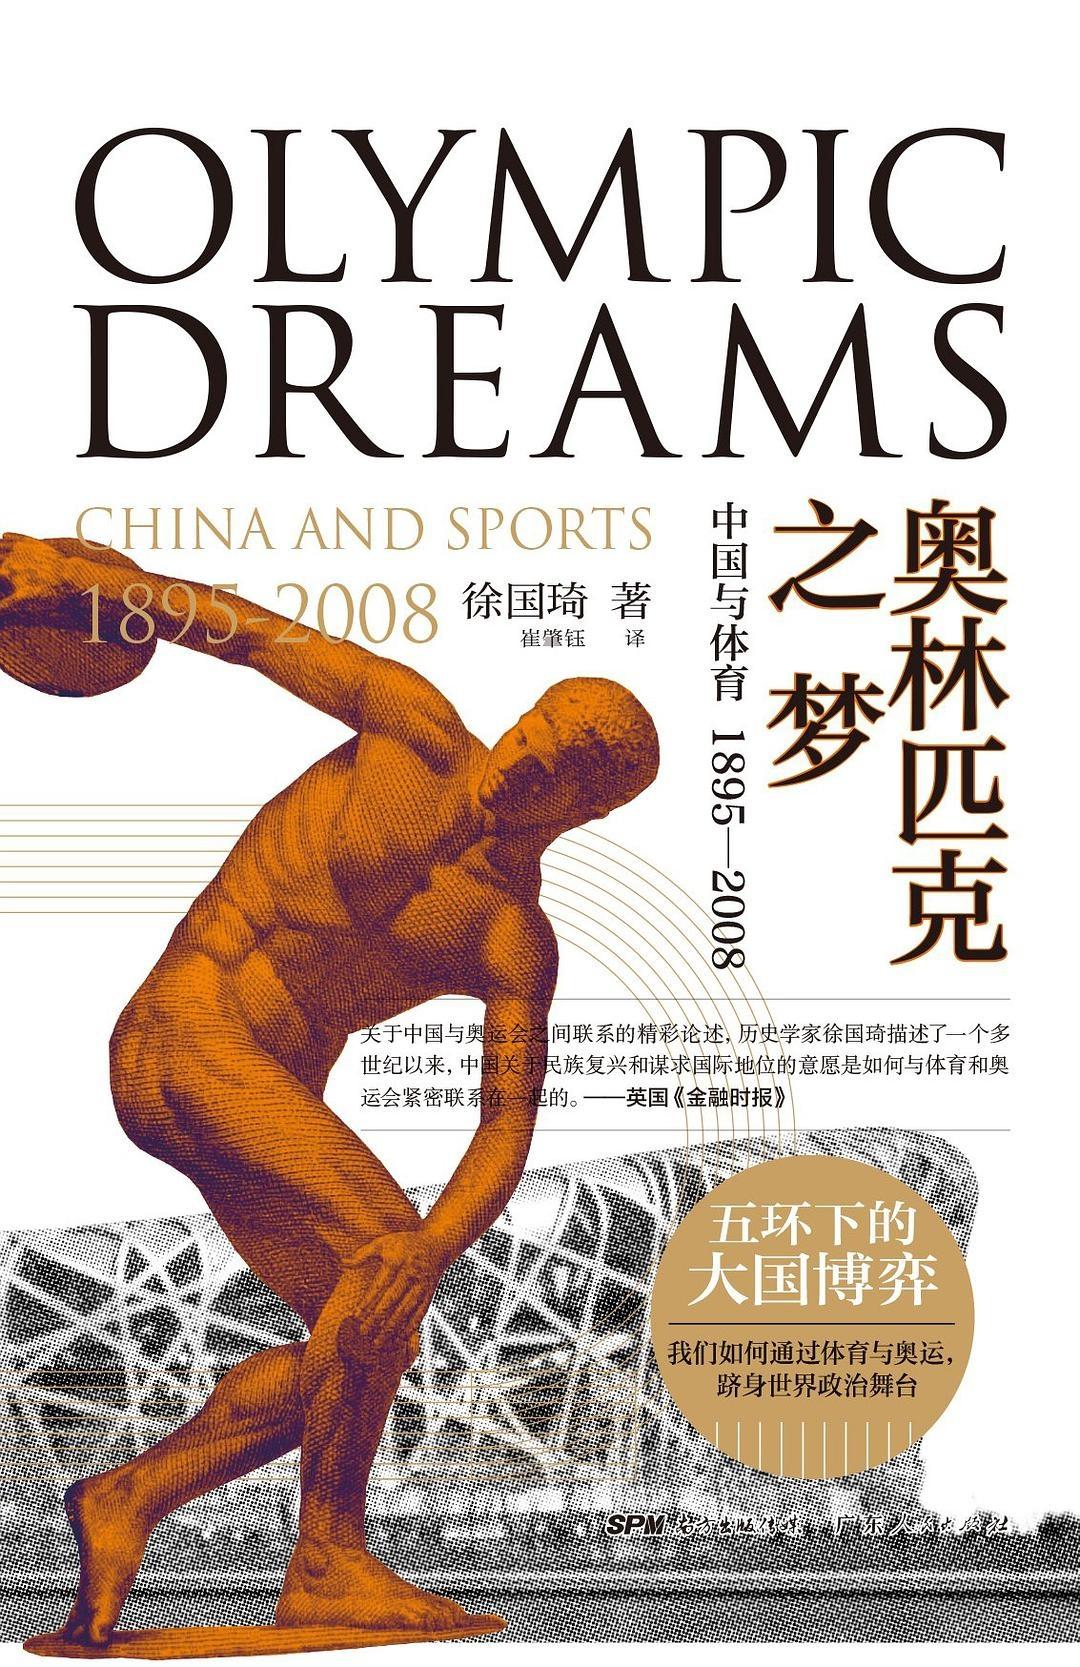 《奥林匹克之梦:中国与体育,1895-2008》,徐国琦/著,崔肇玉/译,广东人民出版社,2019年6月版